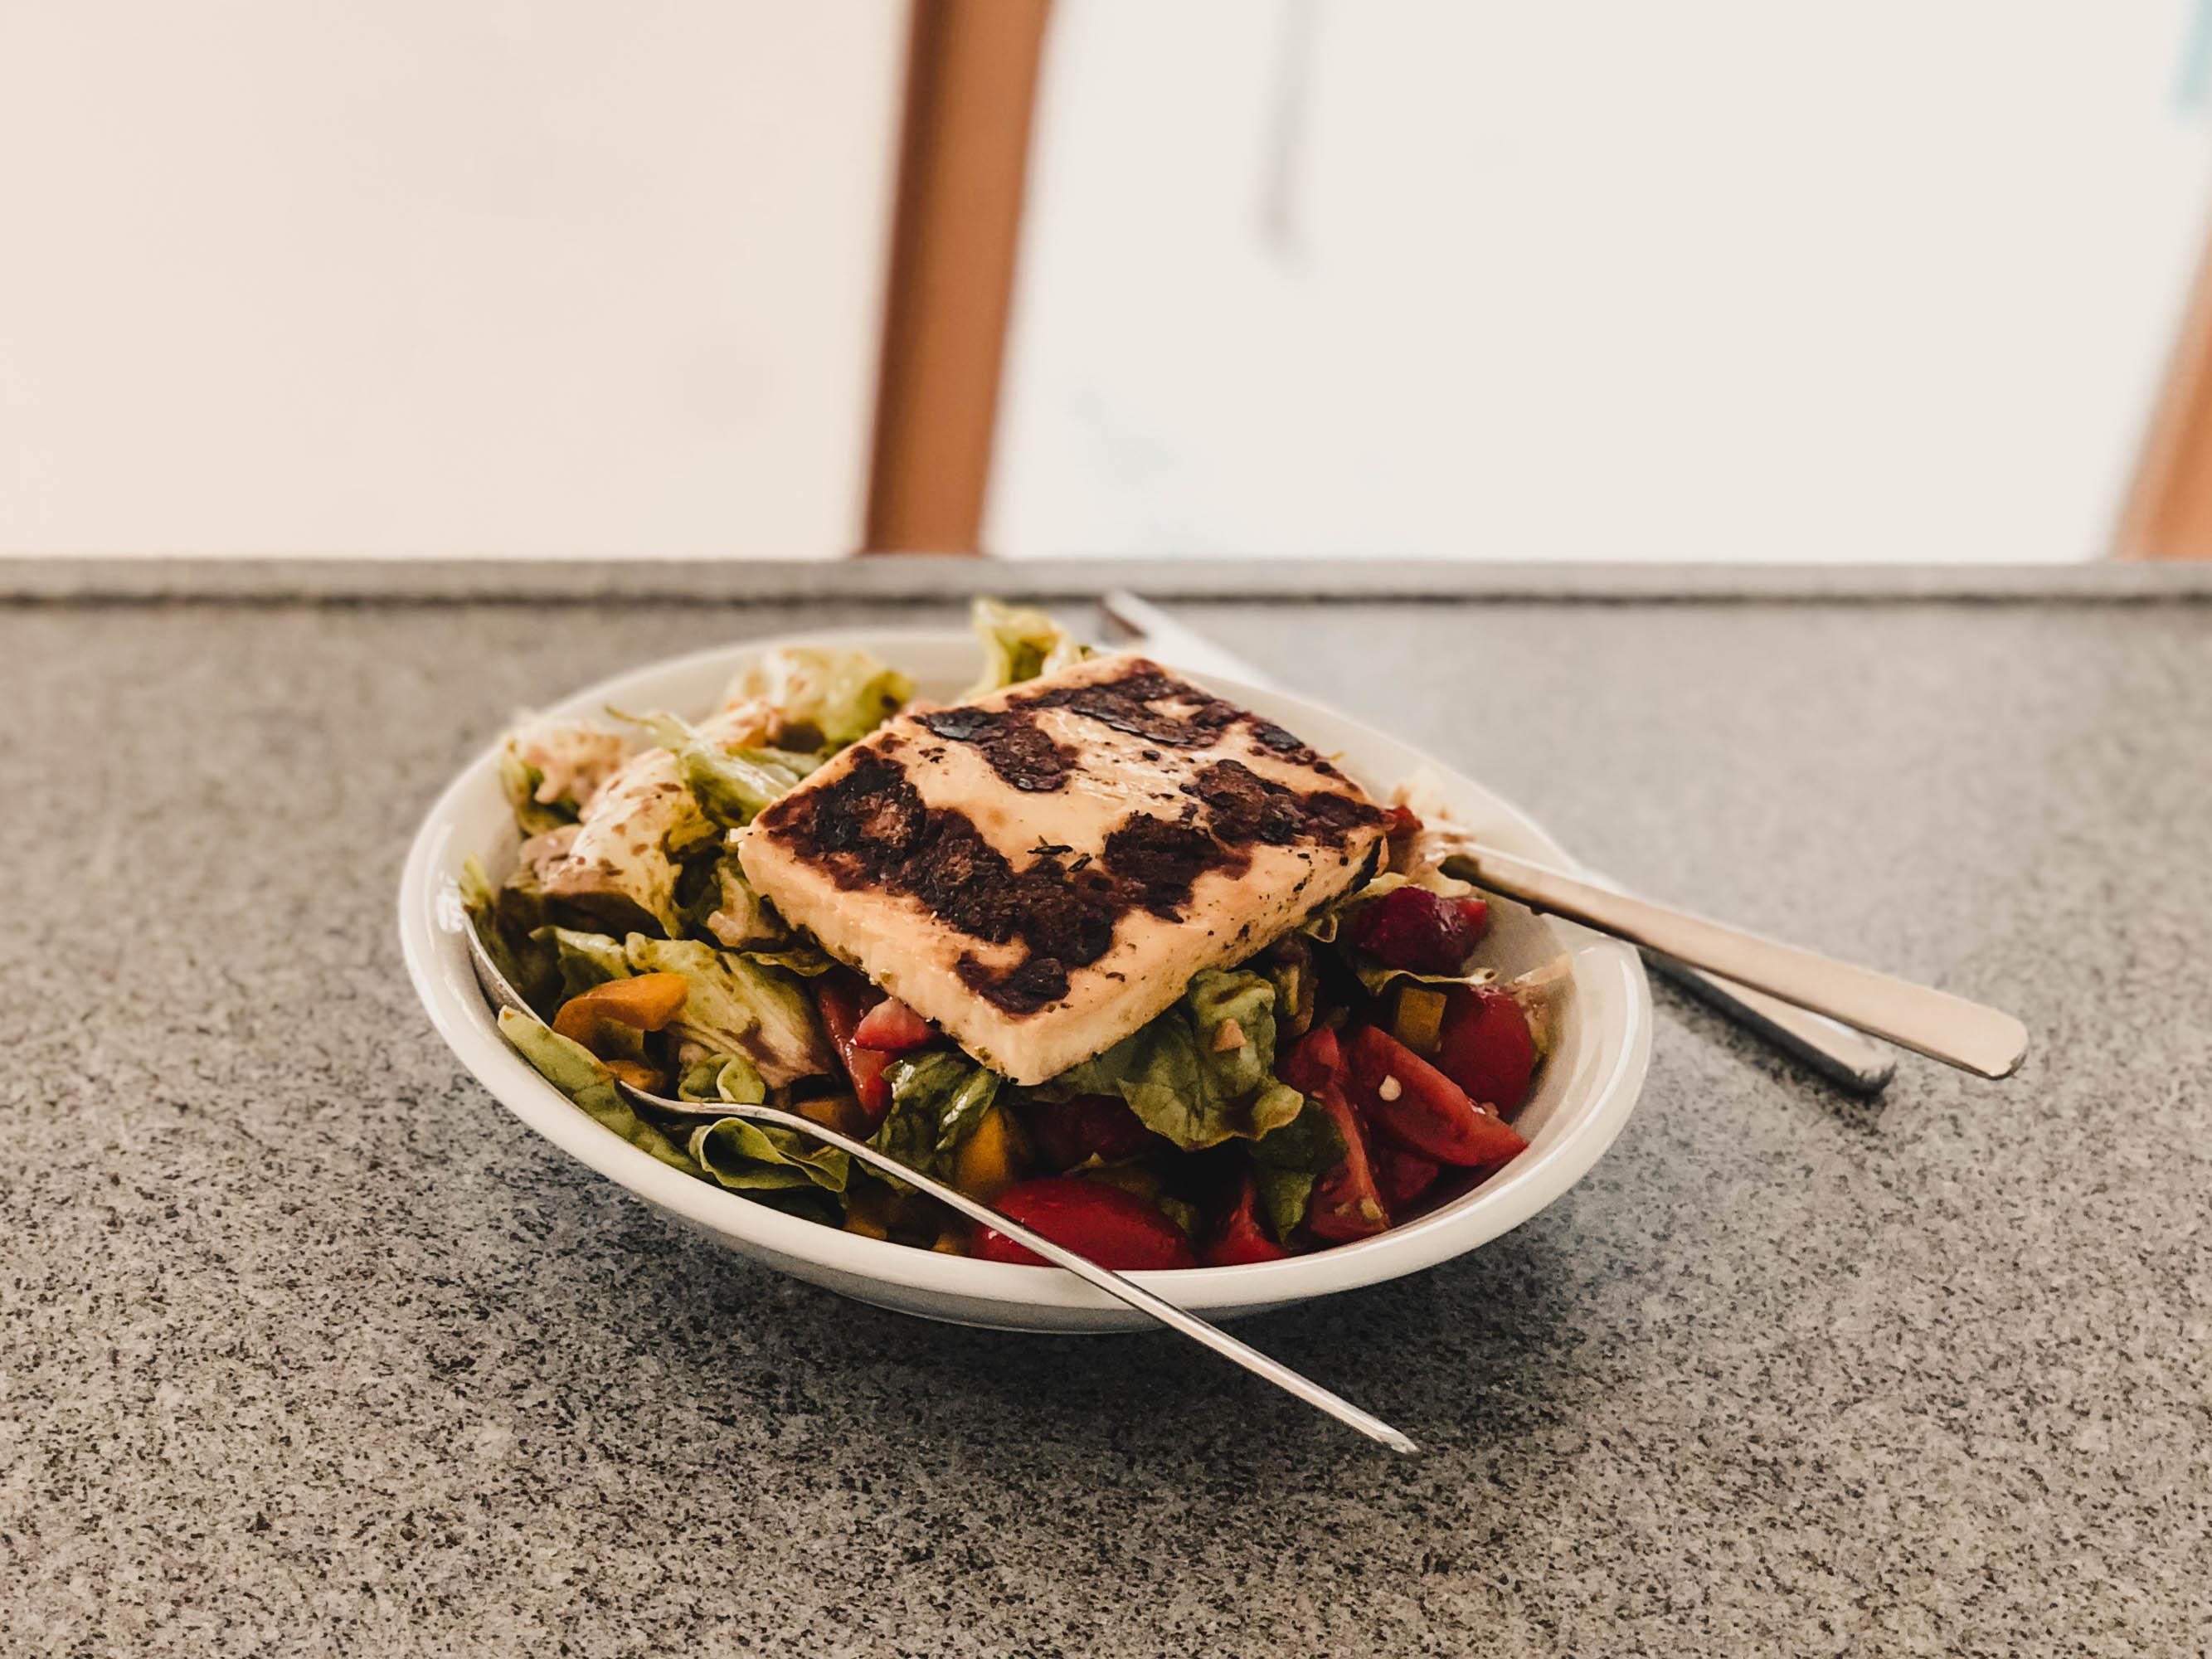 What I Eat in a Day? #4 auf dem österreichischen Lifestyle Blog Bits and Bobs by Eva. Mehr Food Beiträge auf www.bitsandbobsbyeva.com